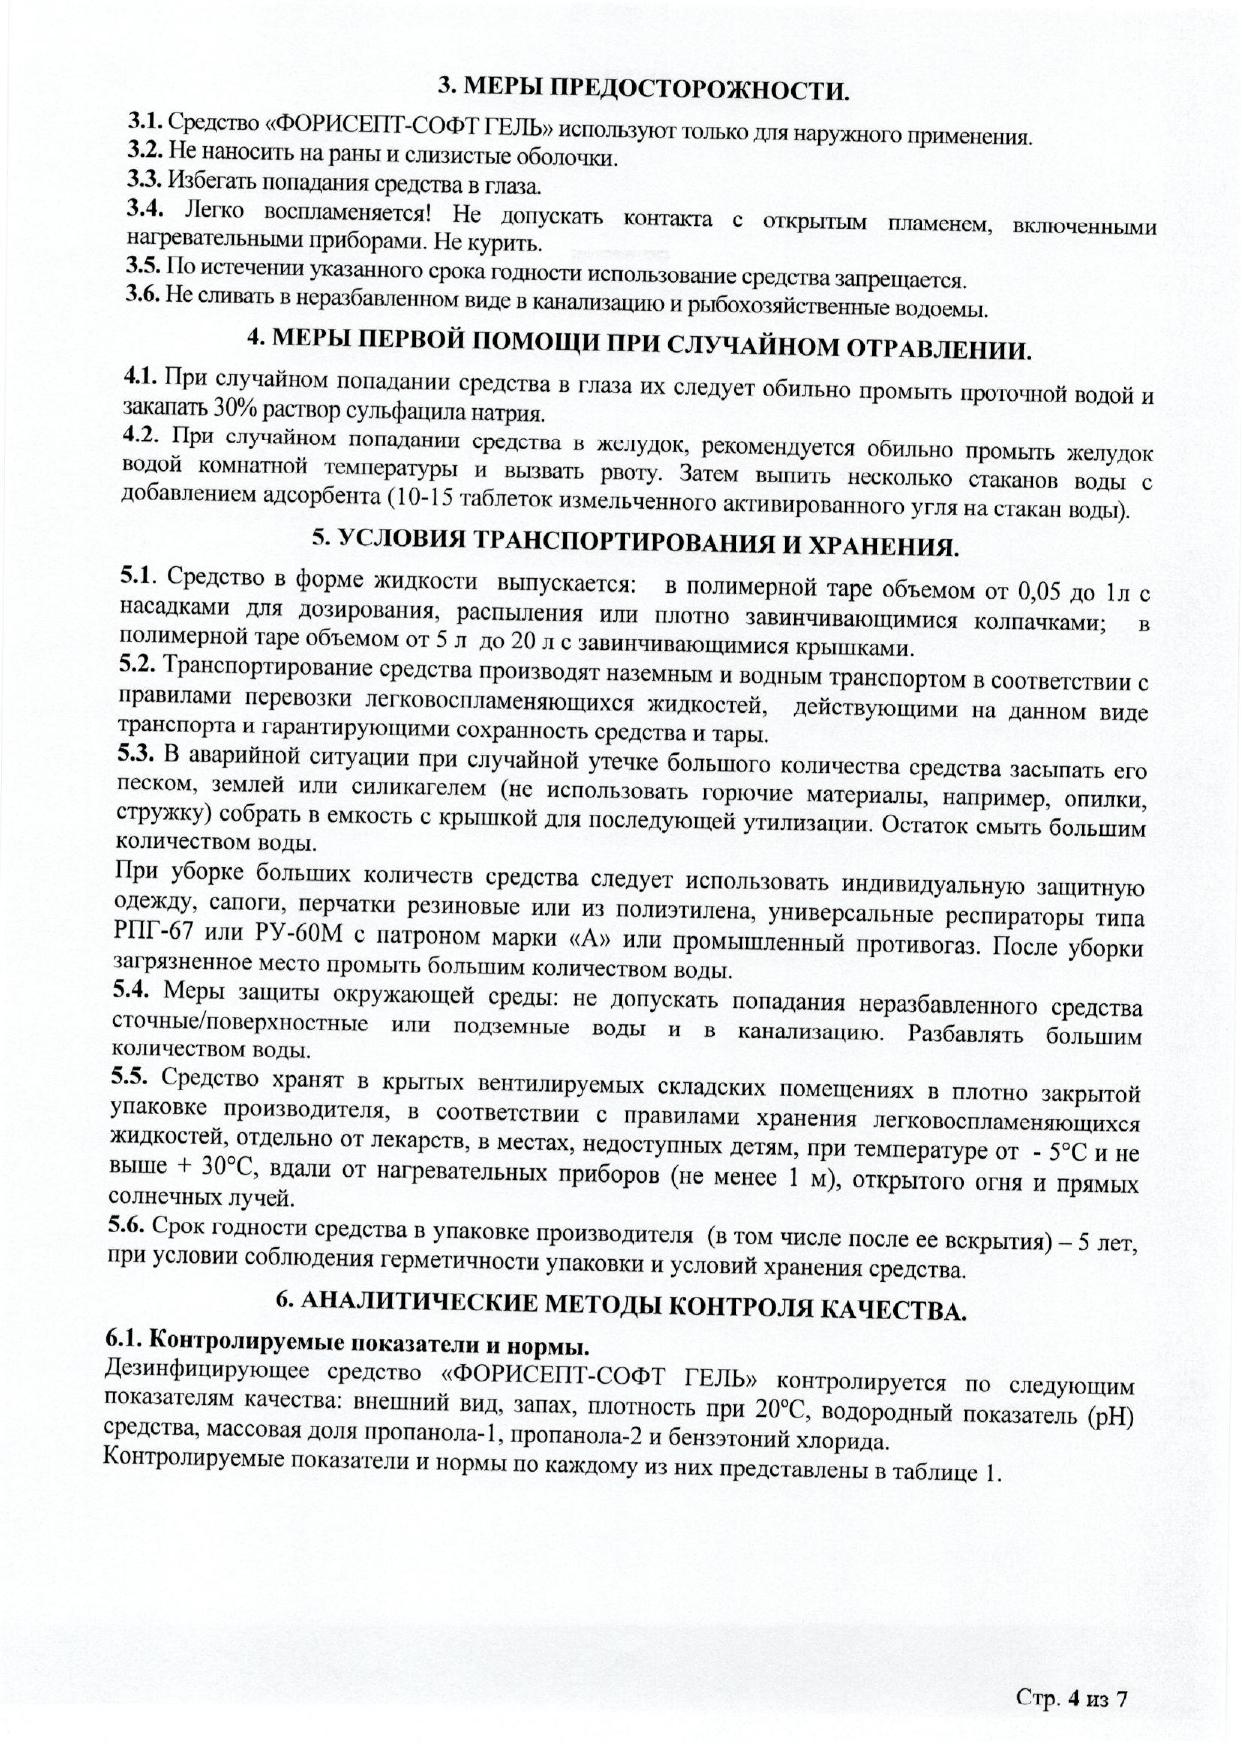 Инструкция ФОРИСЕПТ-СОФТ ГЕЛЬ